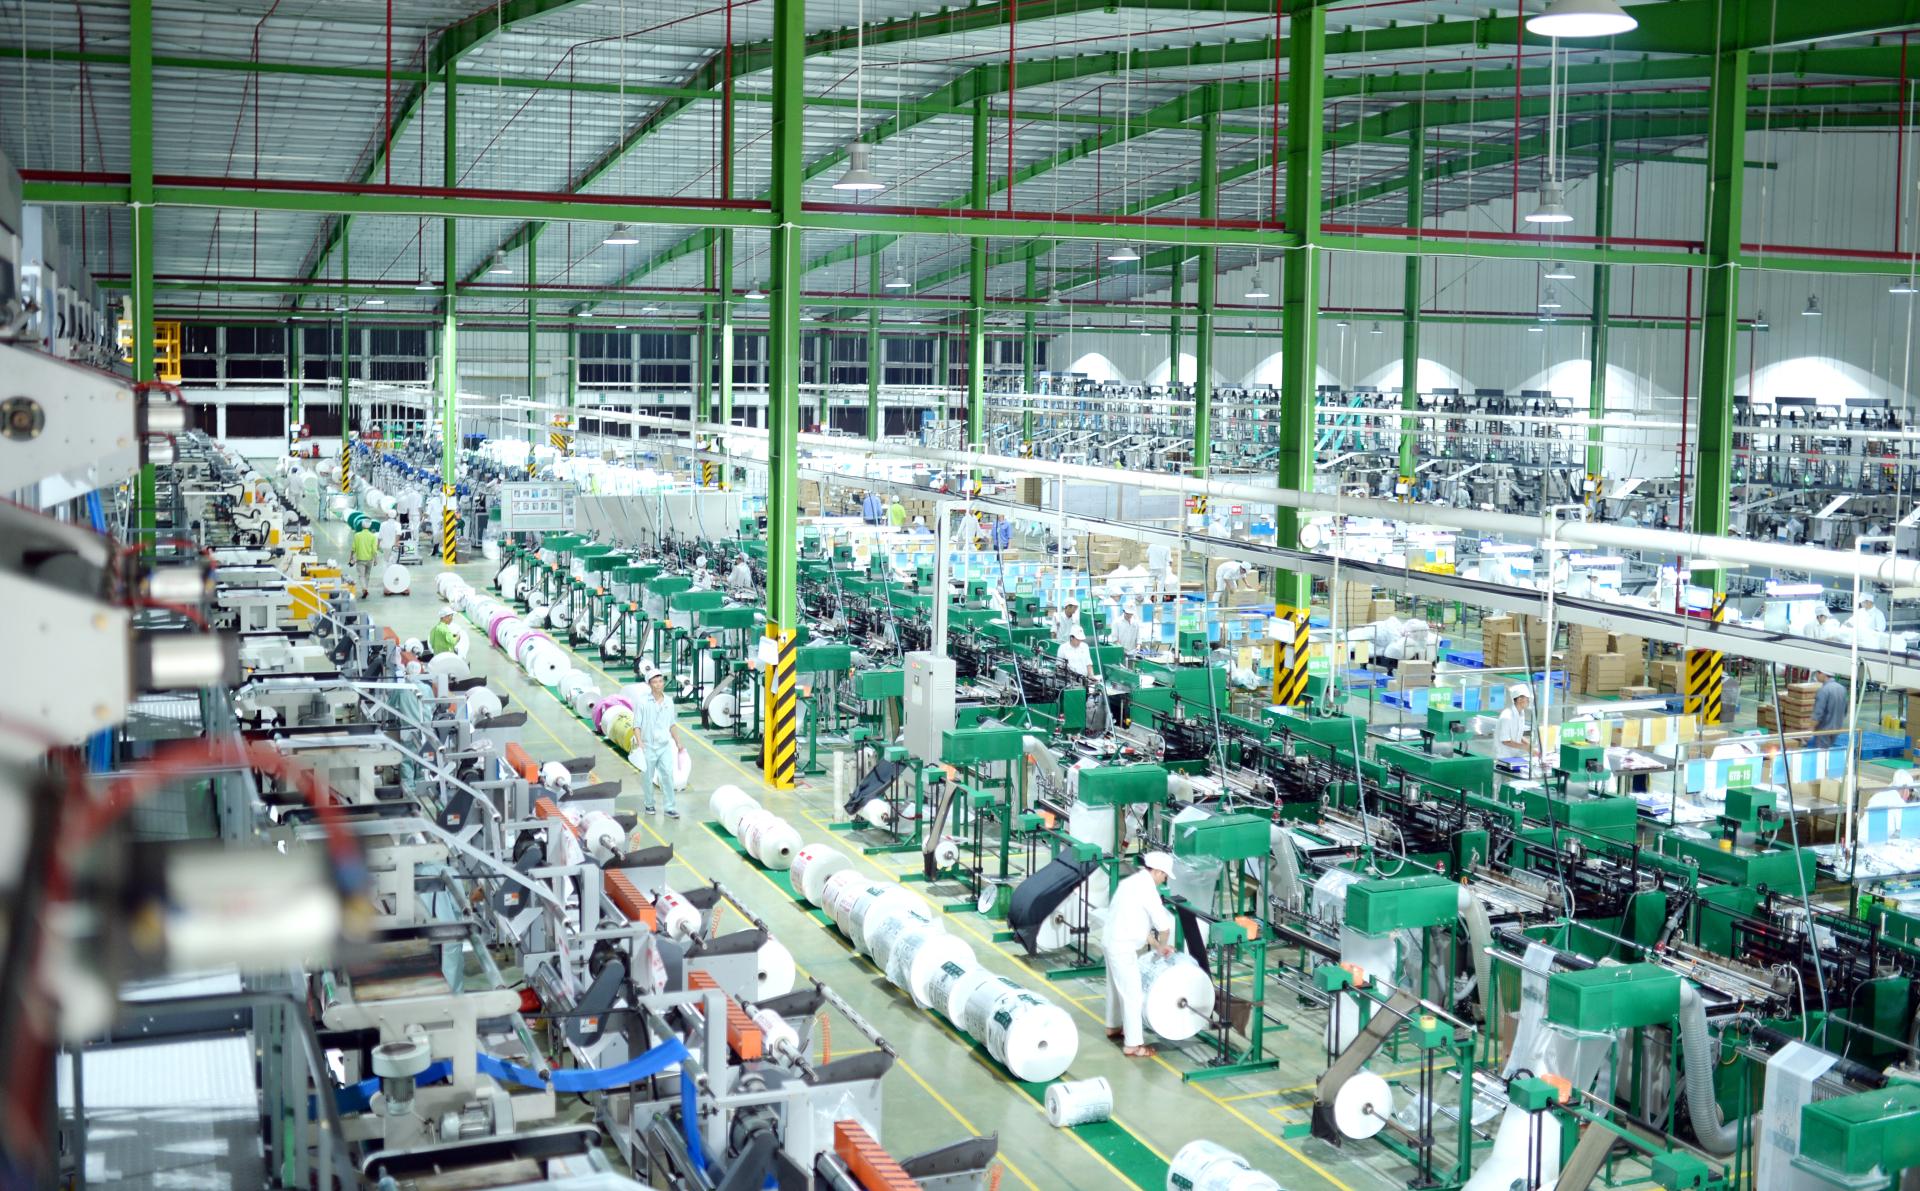 Nhà máy của An Phát Holdings sản xuất bao bì màng mỏng và sản phẩm sinh học phân hủy hoàn toàn AnEco.